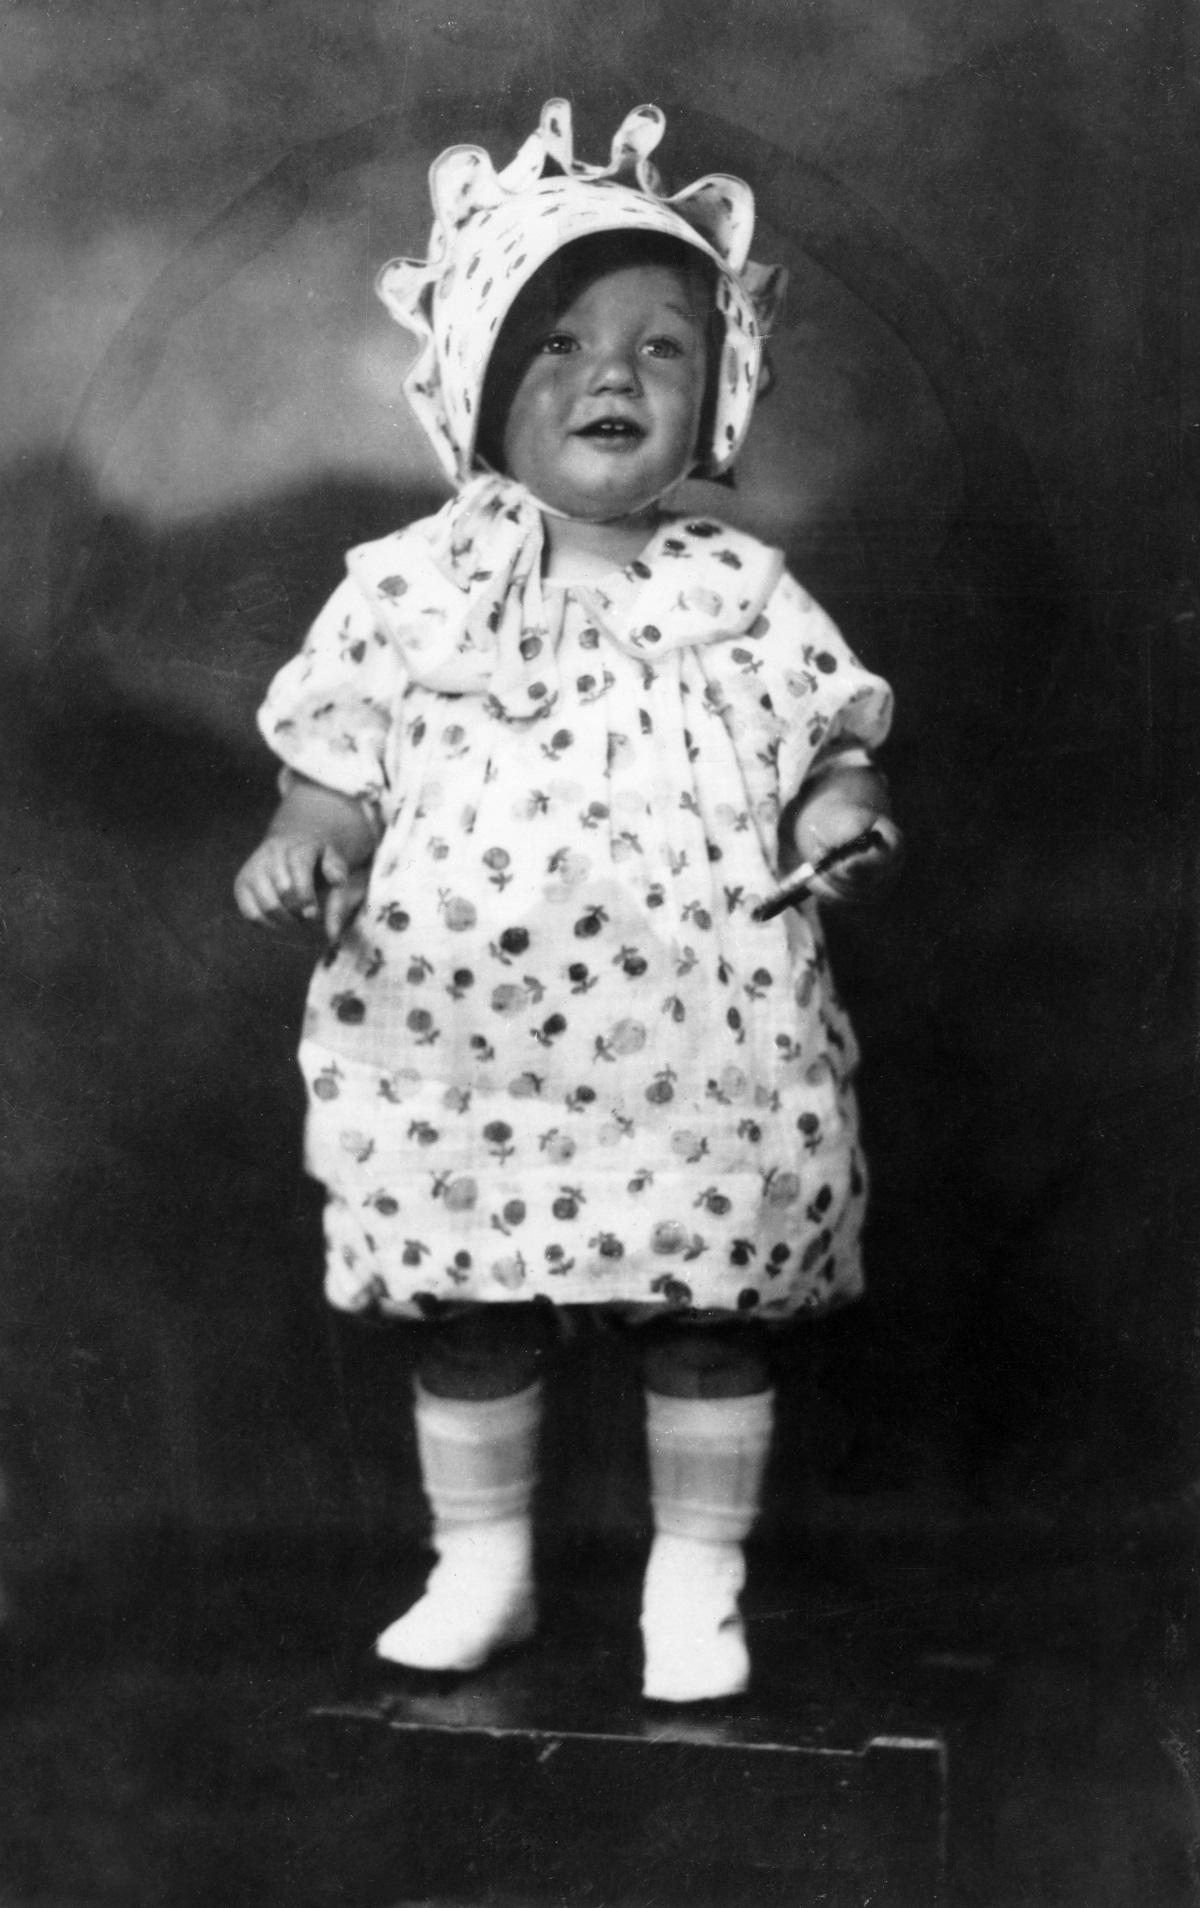 Norma Jeane Mortenson in 1928